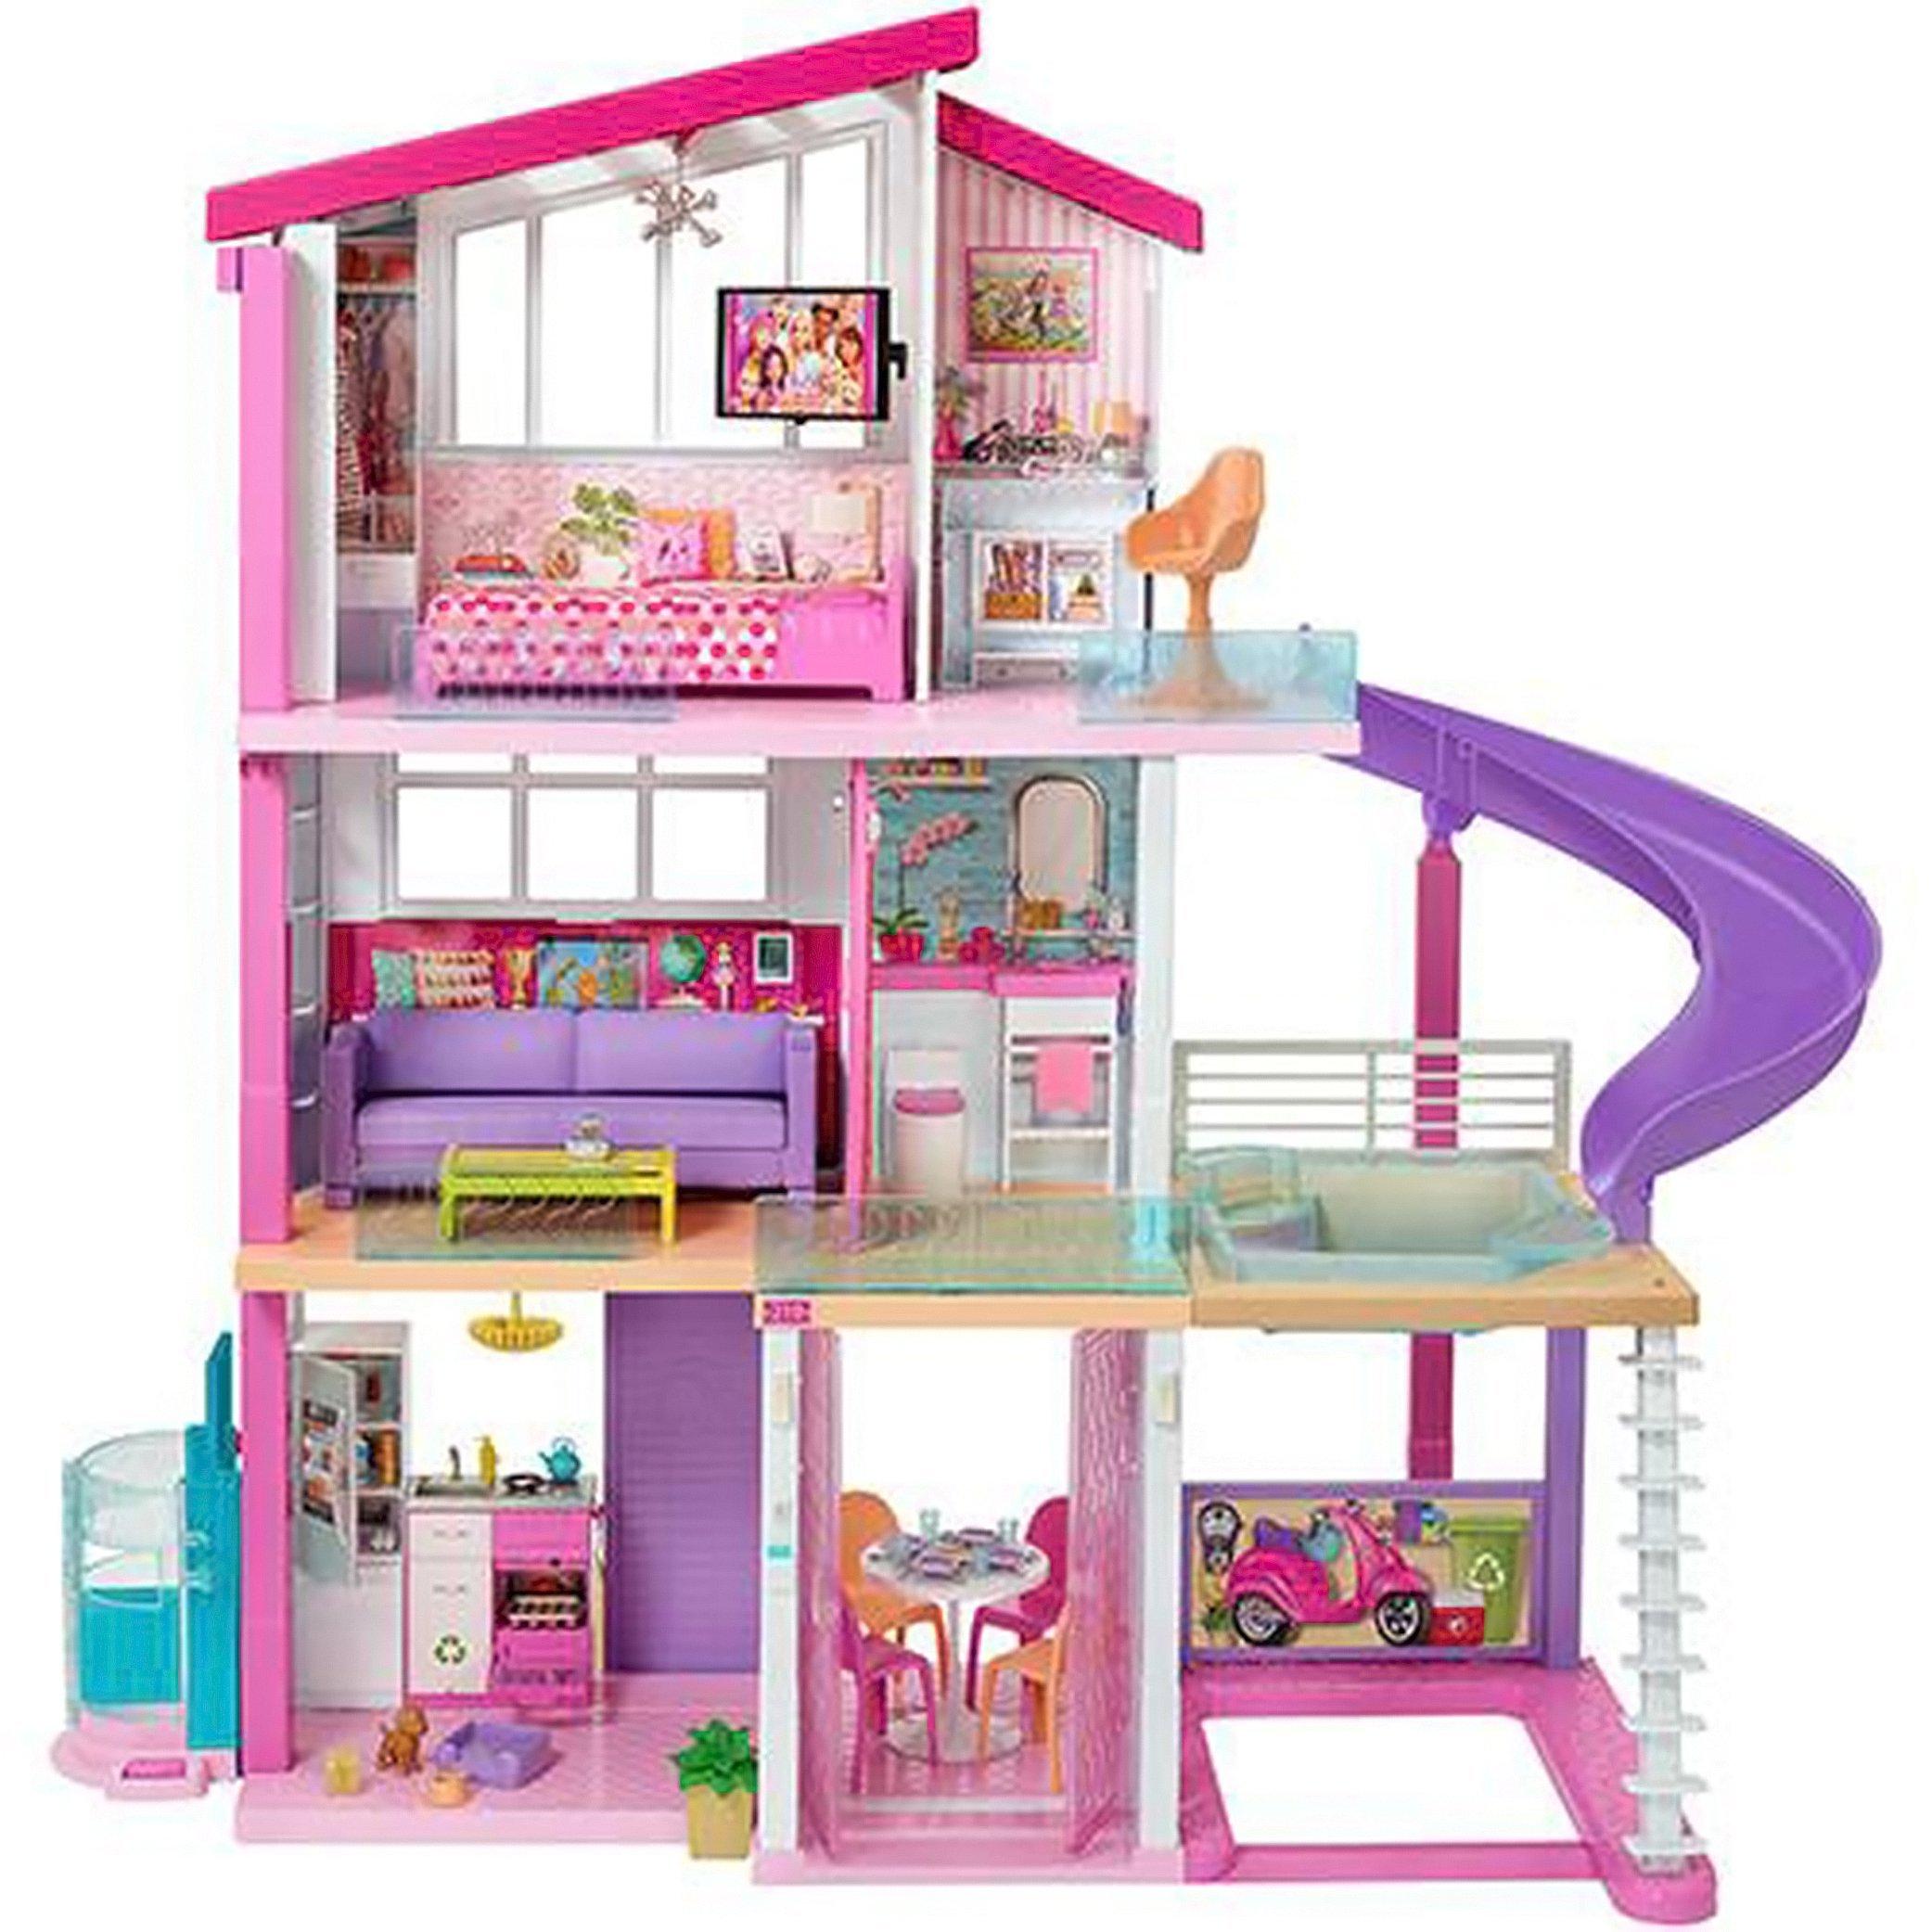 Casa dos Sonhos da Barbie da Mattel, vendida por R$ 1.299,99 pelo site da Americanas